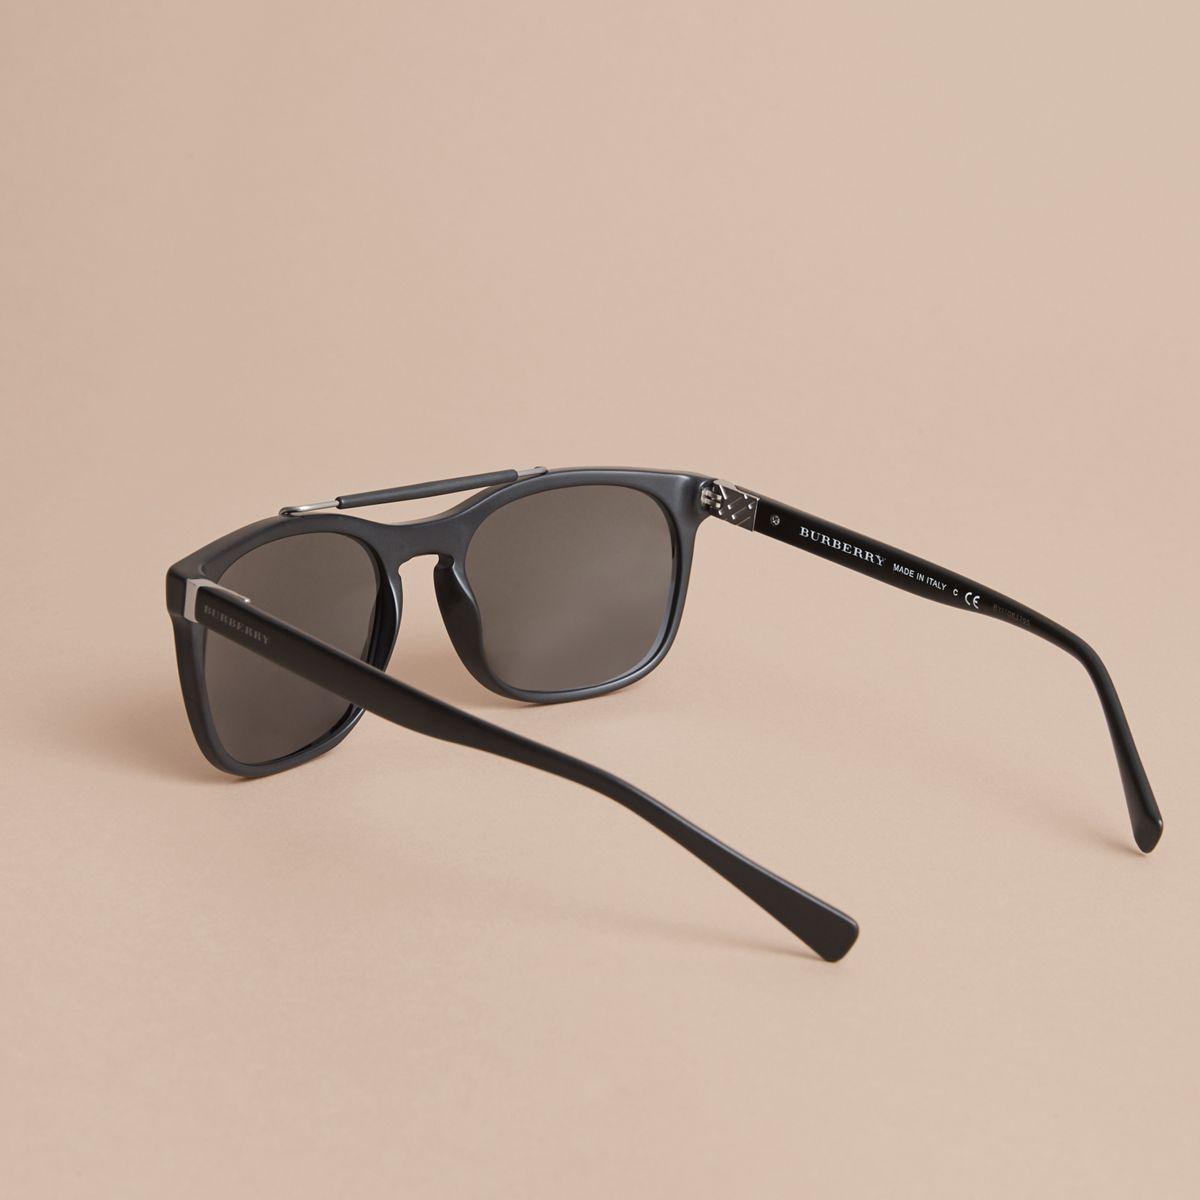 Burberry Top Bar Square Frame Sunglasses Black